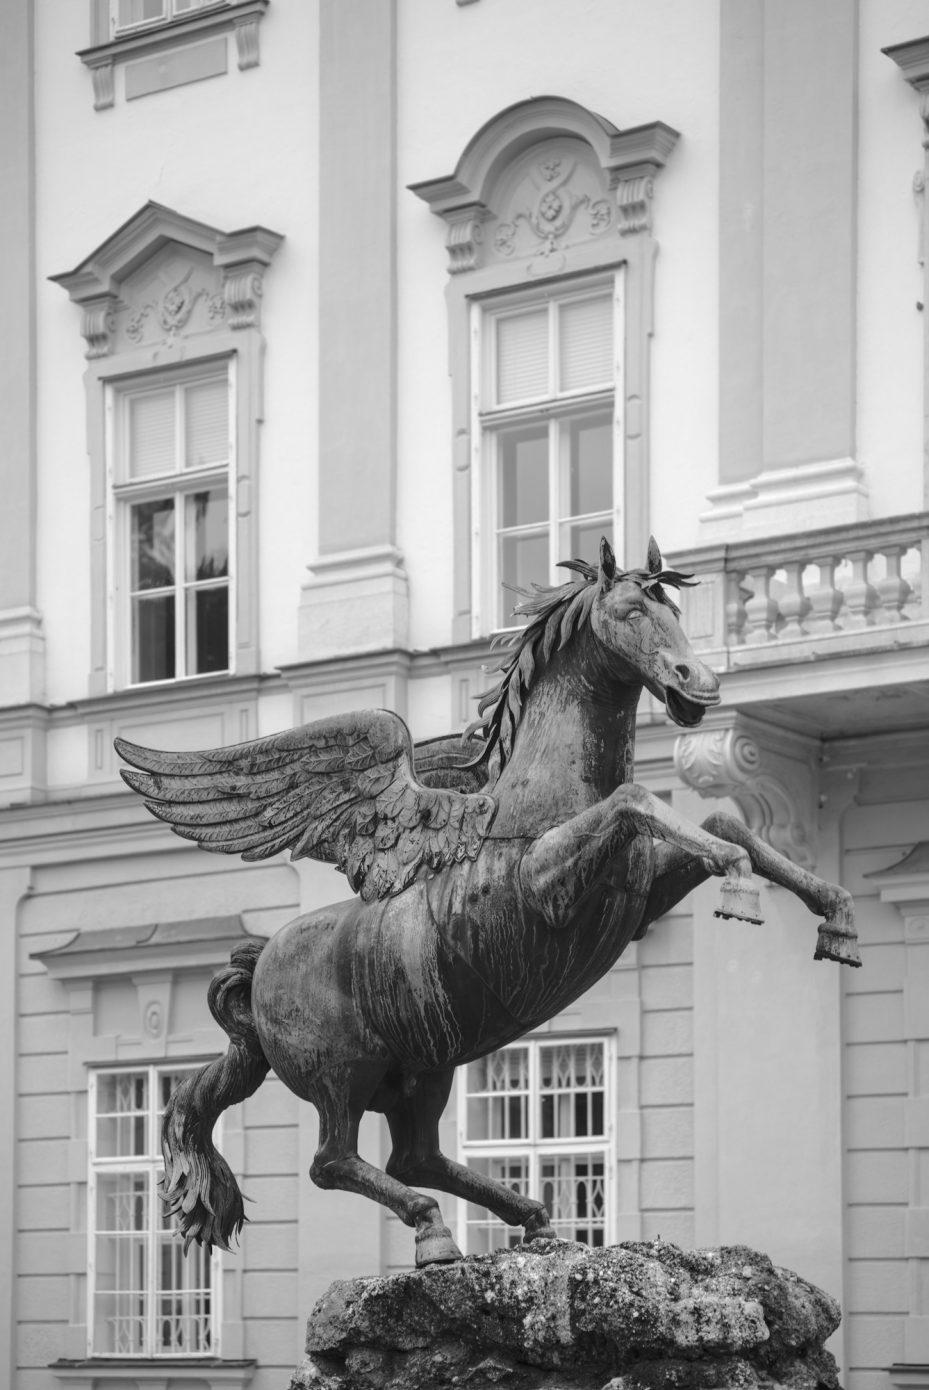 Pegasus_on_Launchpad.jpg